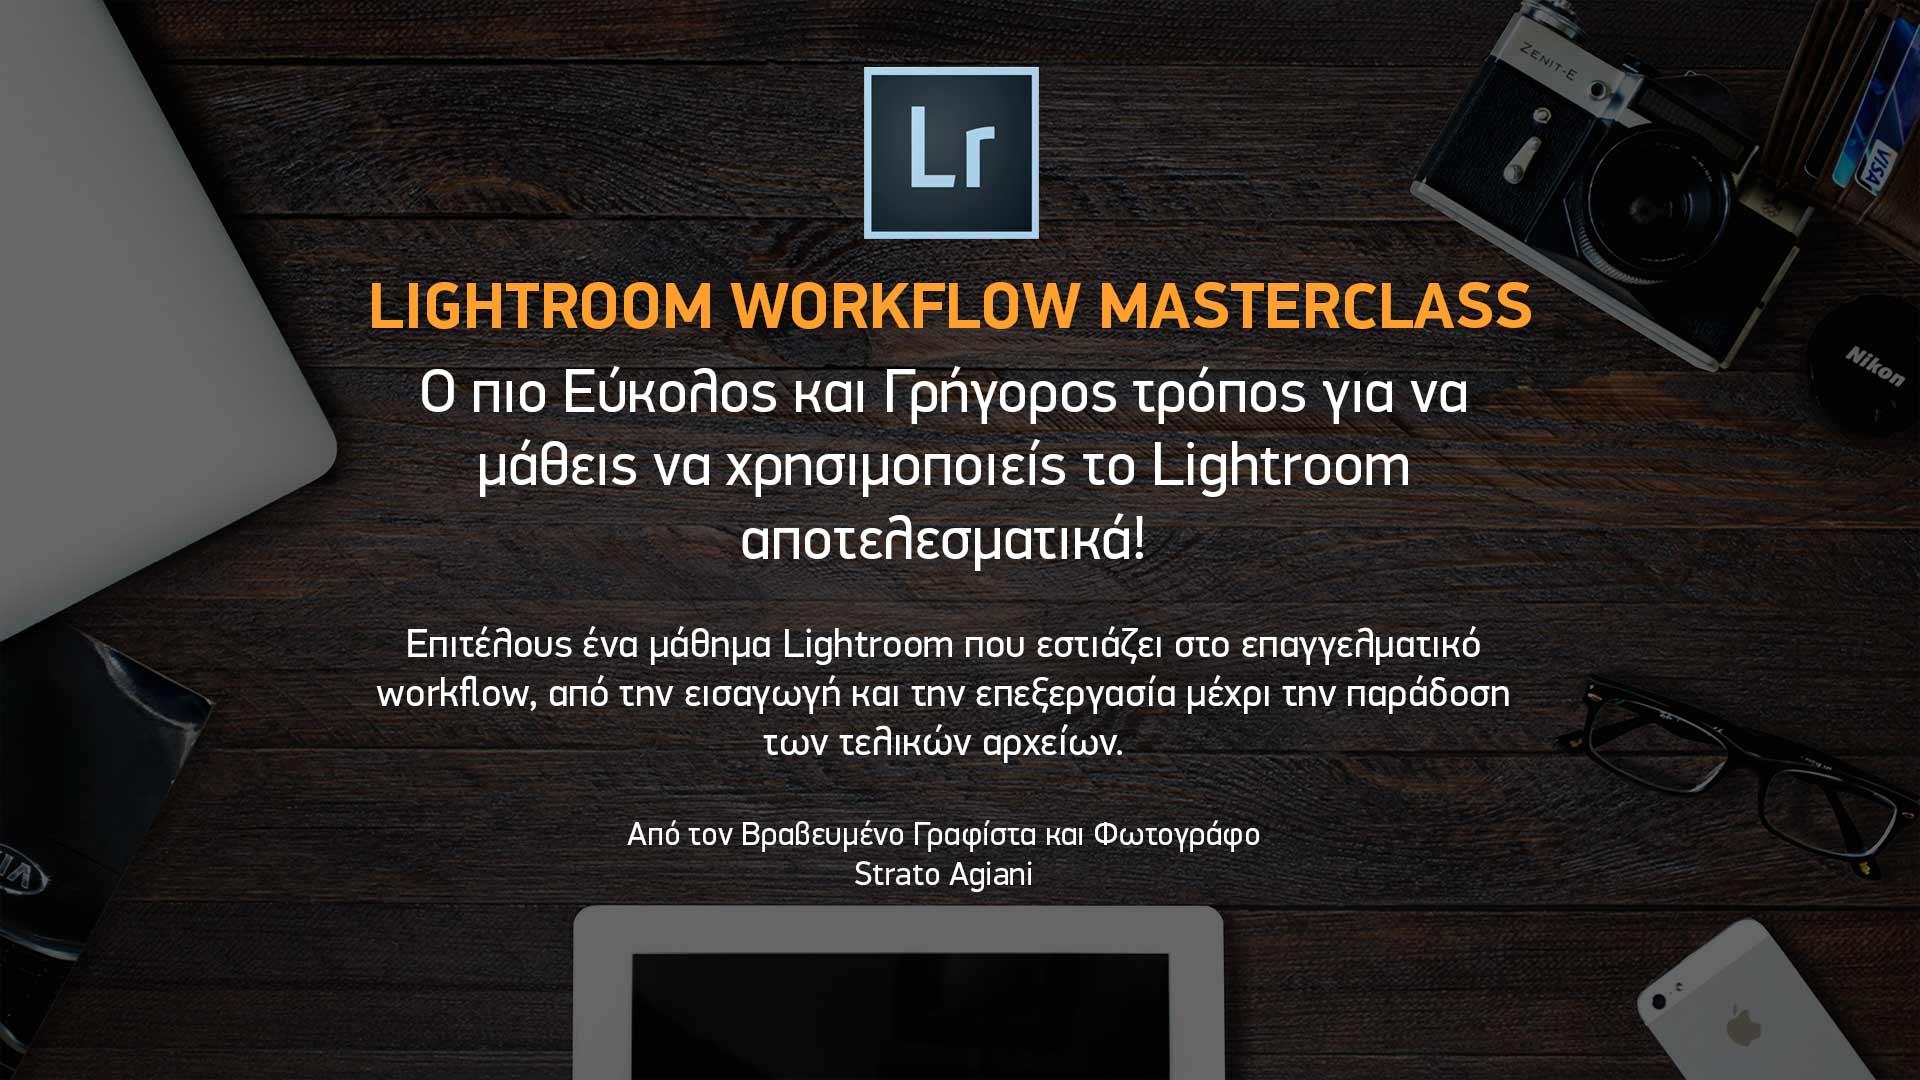 ΜΑΘΗΜΑΤΑ LIGHTROOM - ΜΑΘΗΜΑ LIGHTROOM